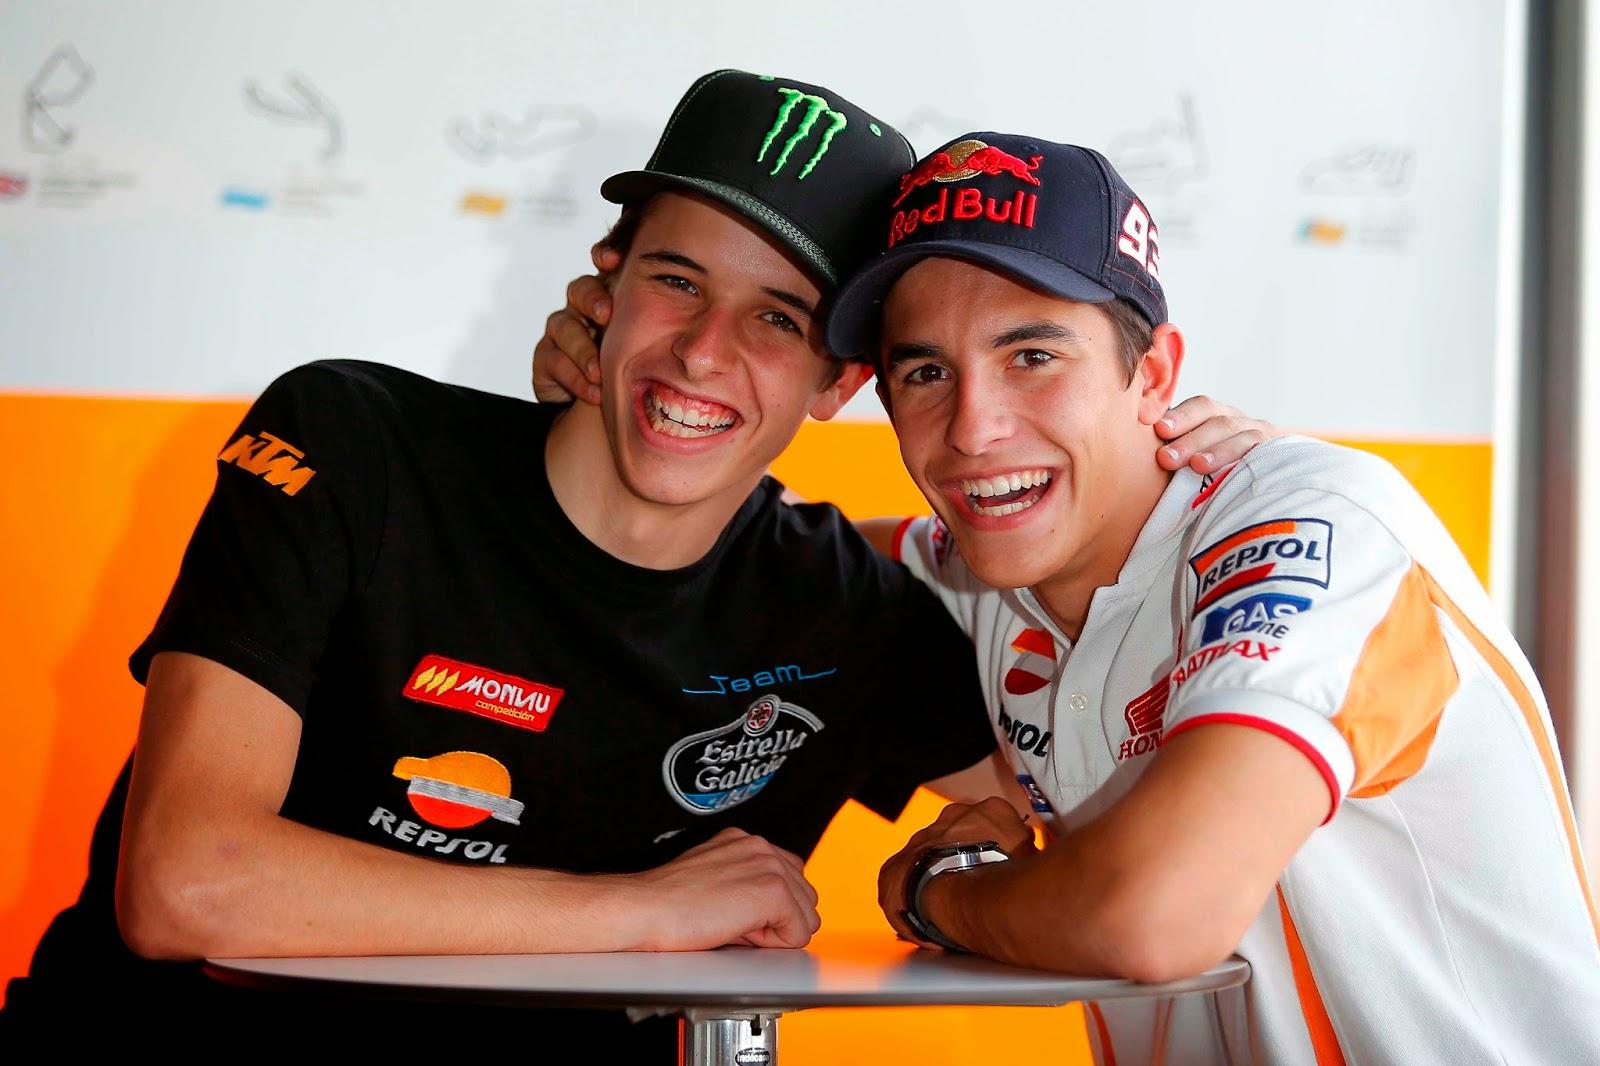 Los hermanos Marquez han hecho historia en el motociclismo